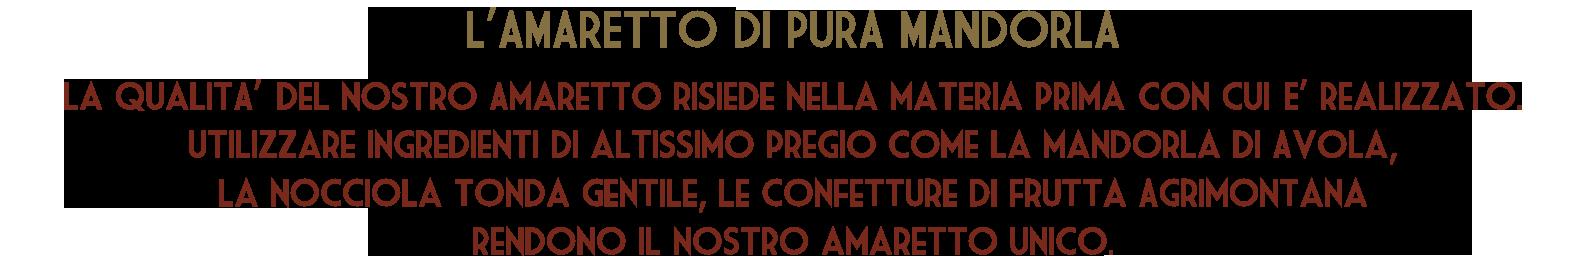 pasticceria-cuneo-amaretto-pura-mandorla